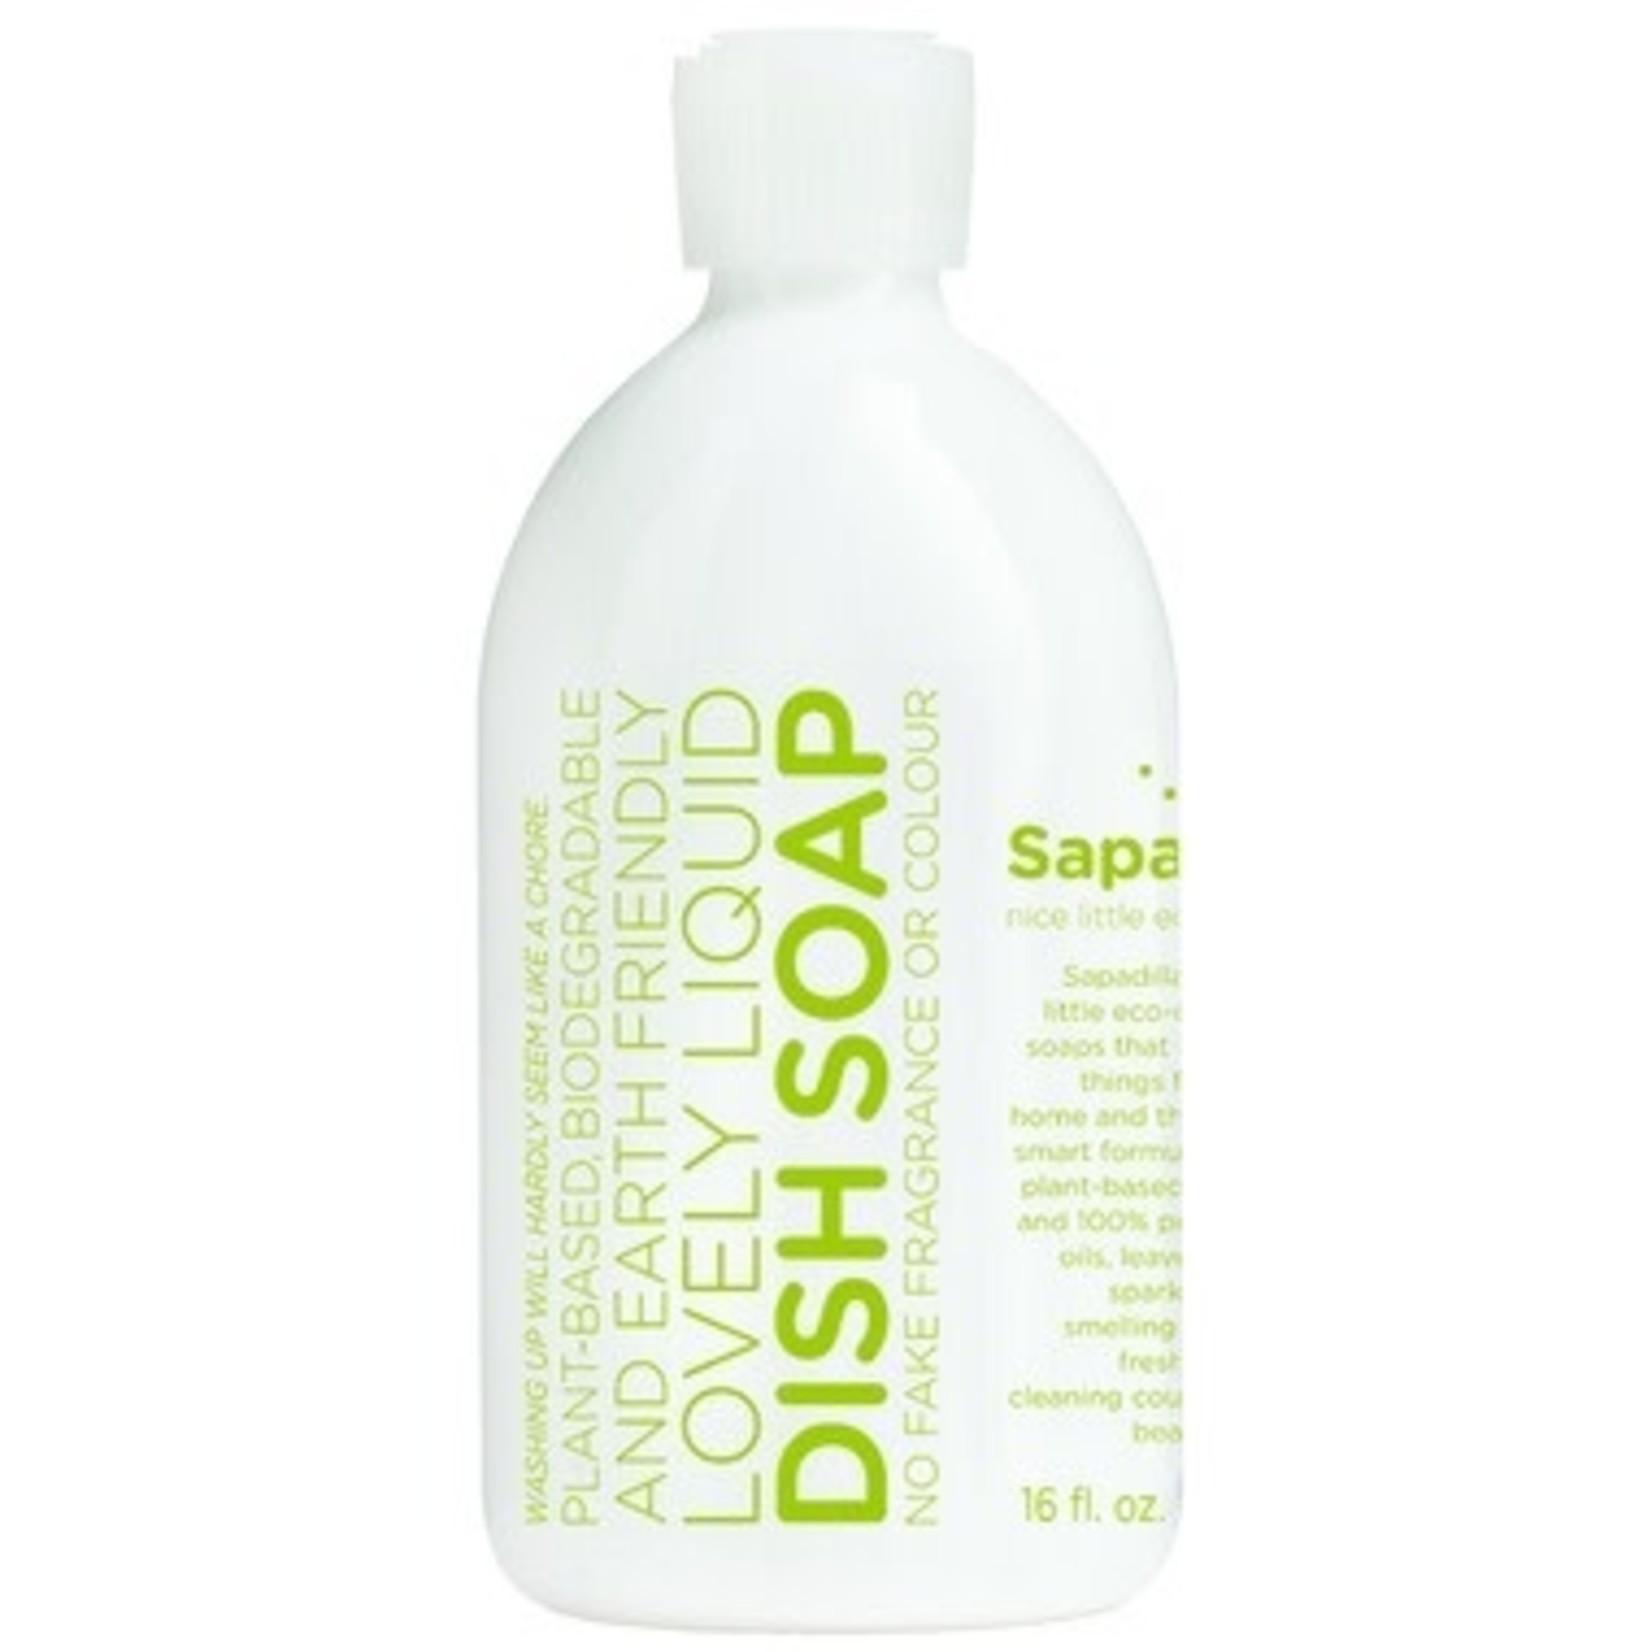 SAPADILLA DISH SOAP - ROSEMARY + PEPPERMINT